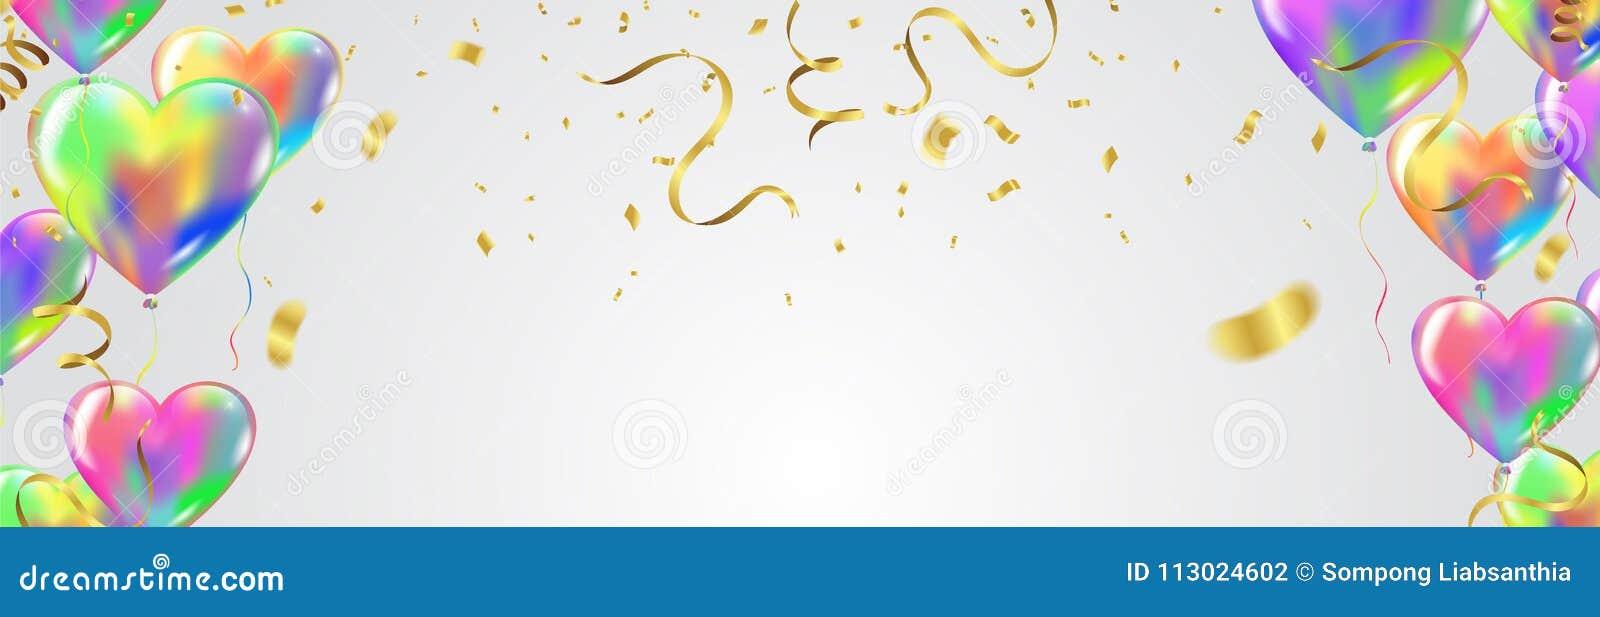 Масленица праздничный b воздушных шаров и confetti воздушных шаров сердца красочная